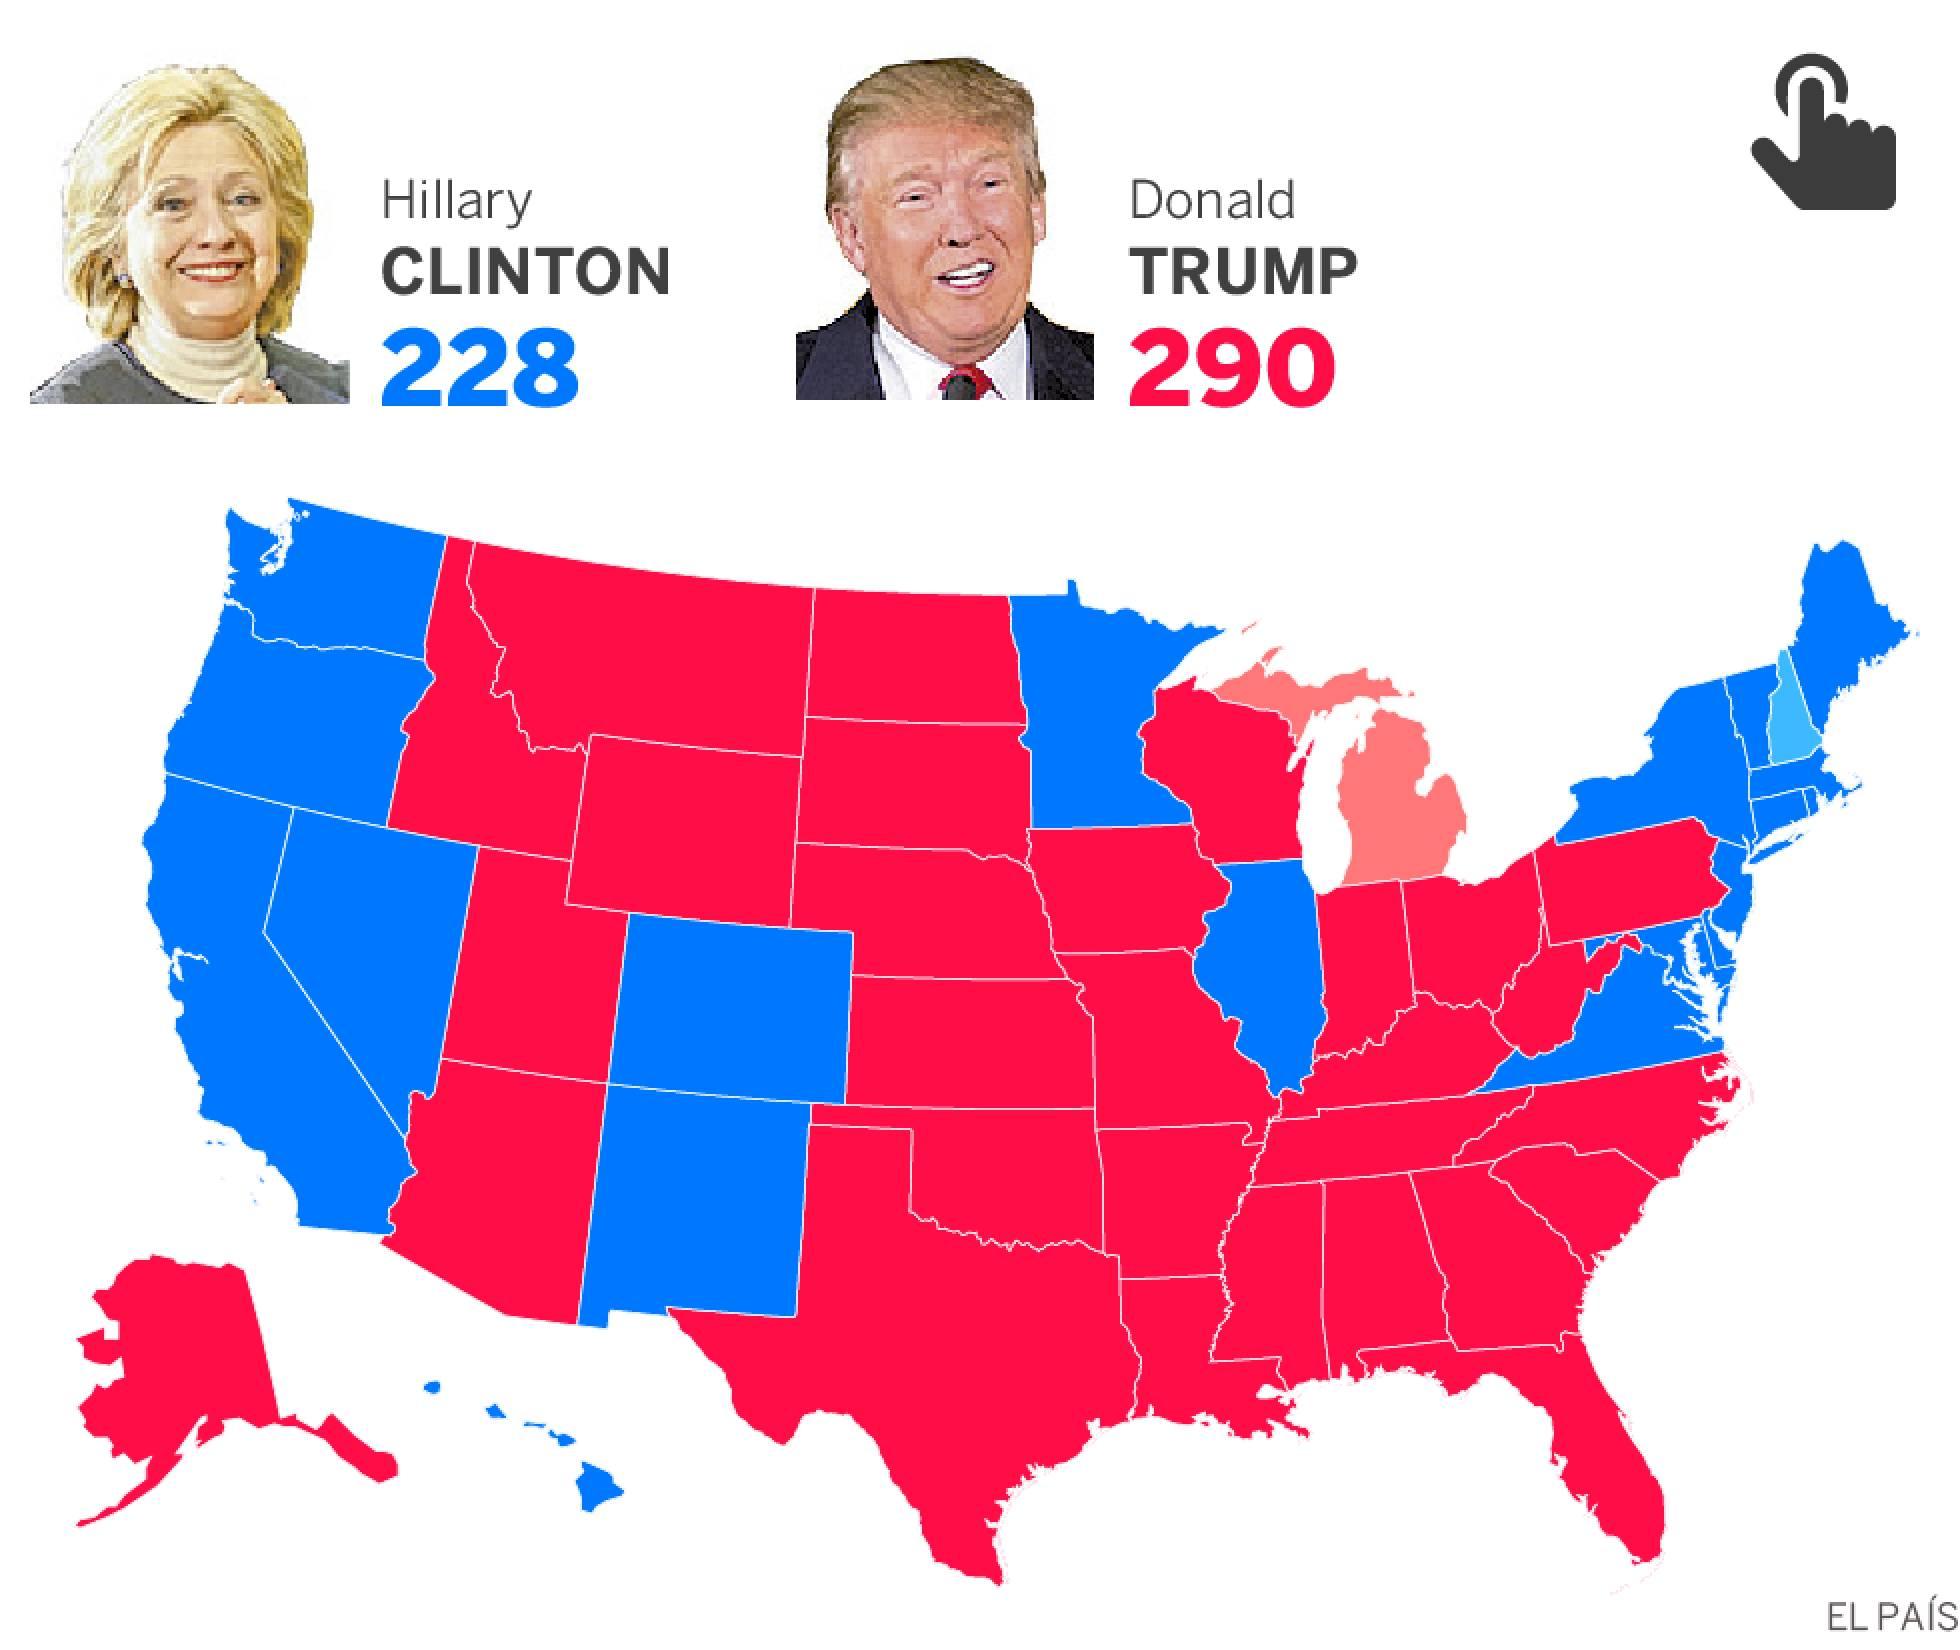 resultados-de-las-elecciones-de-estados-unidos-2016